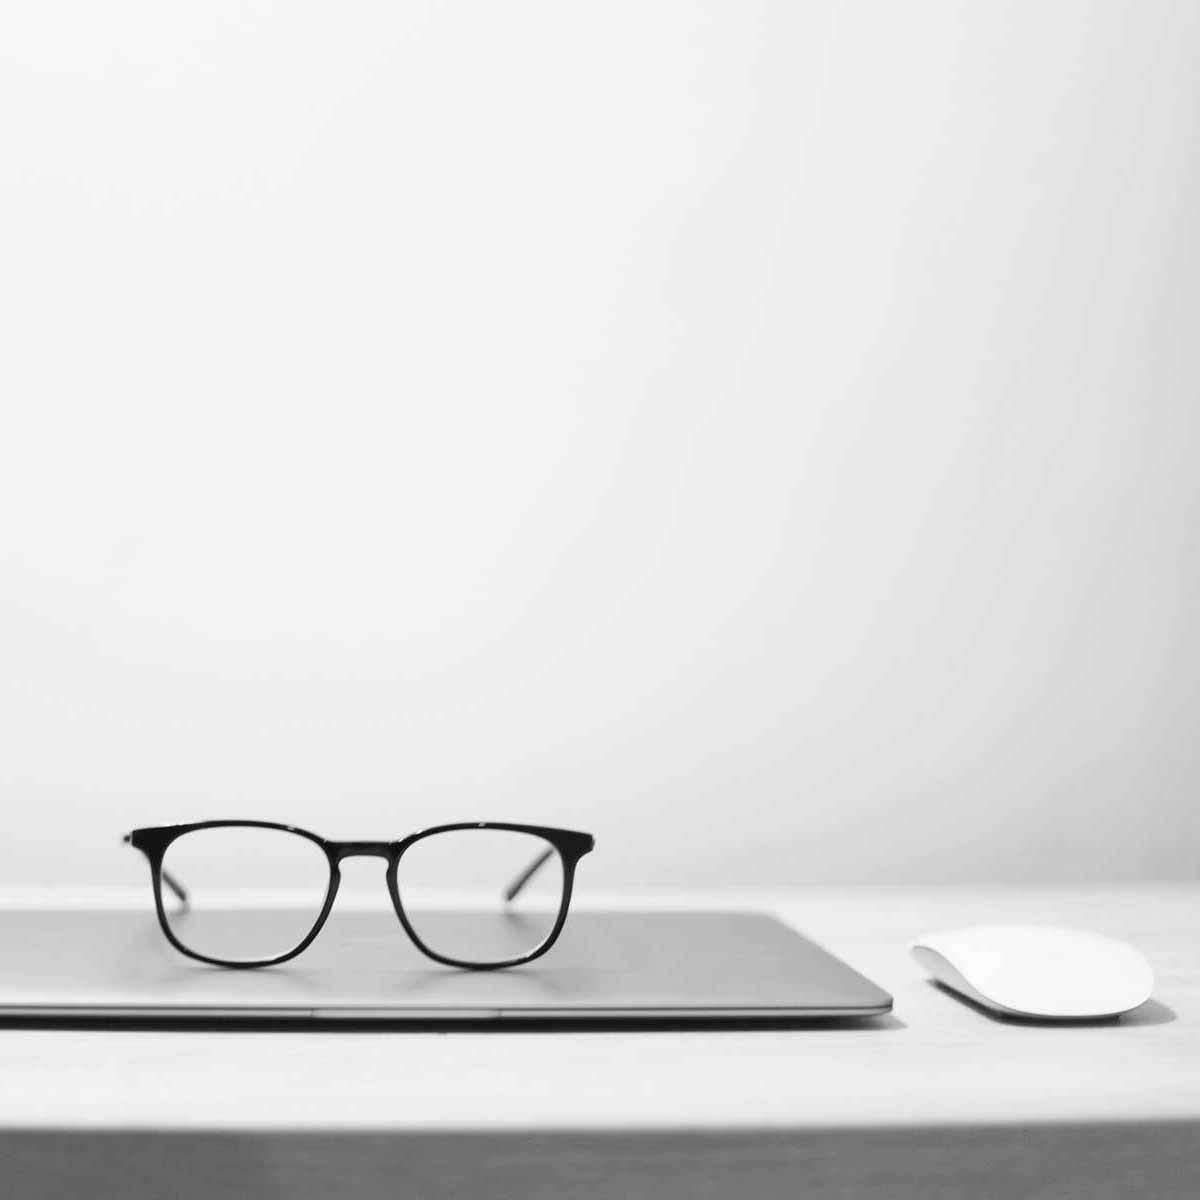 Brille Laptop Maus auf Tisch